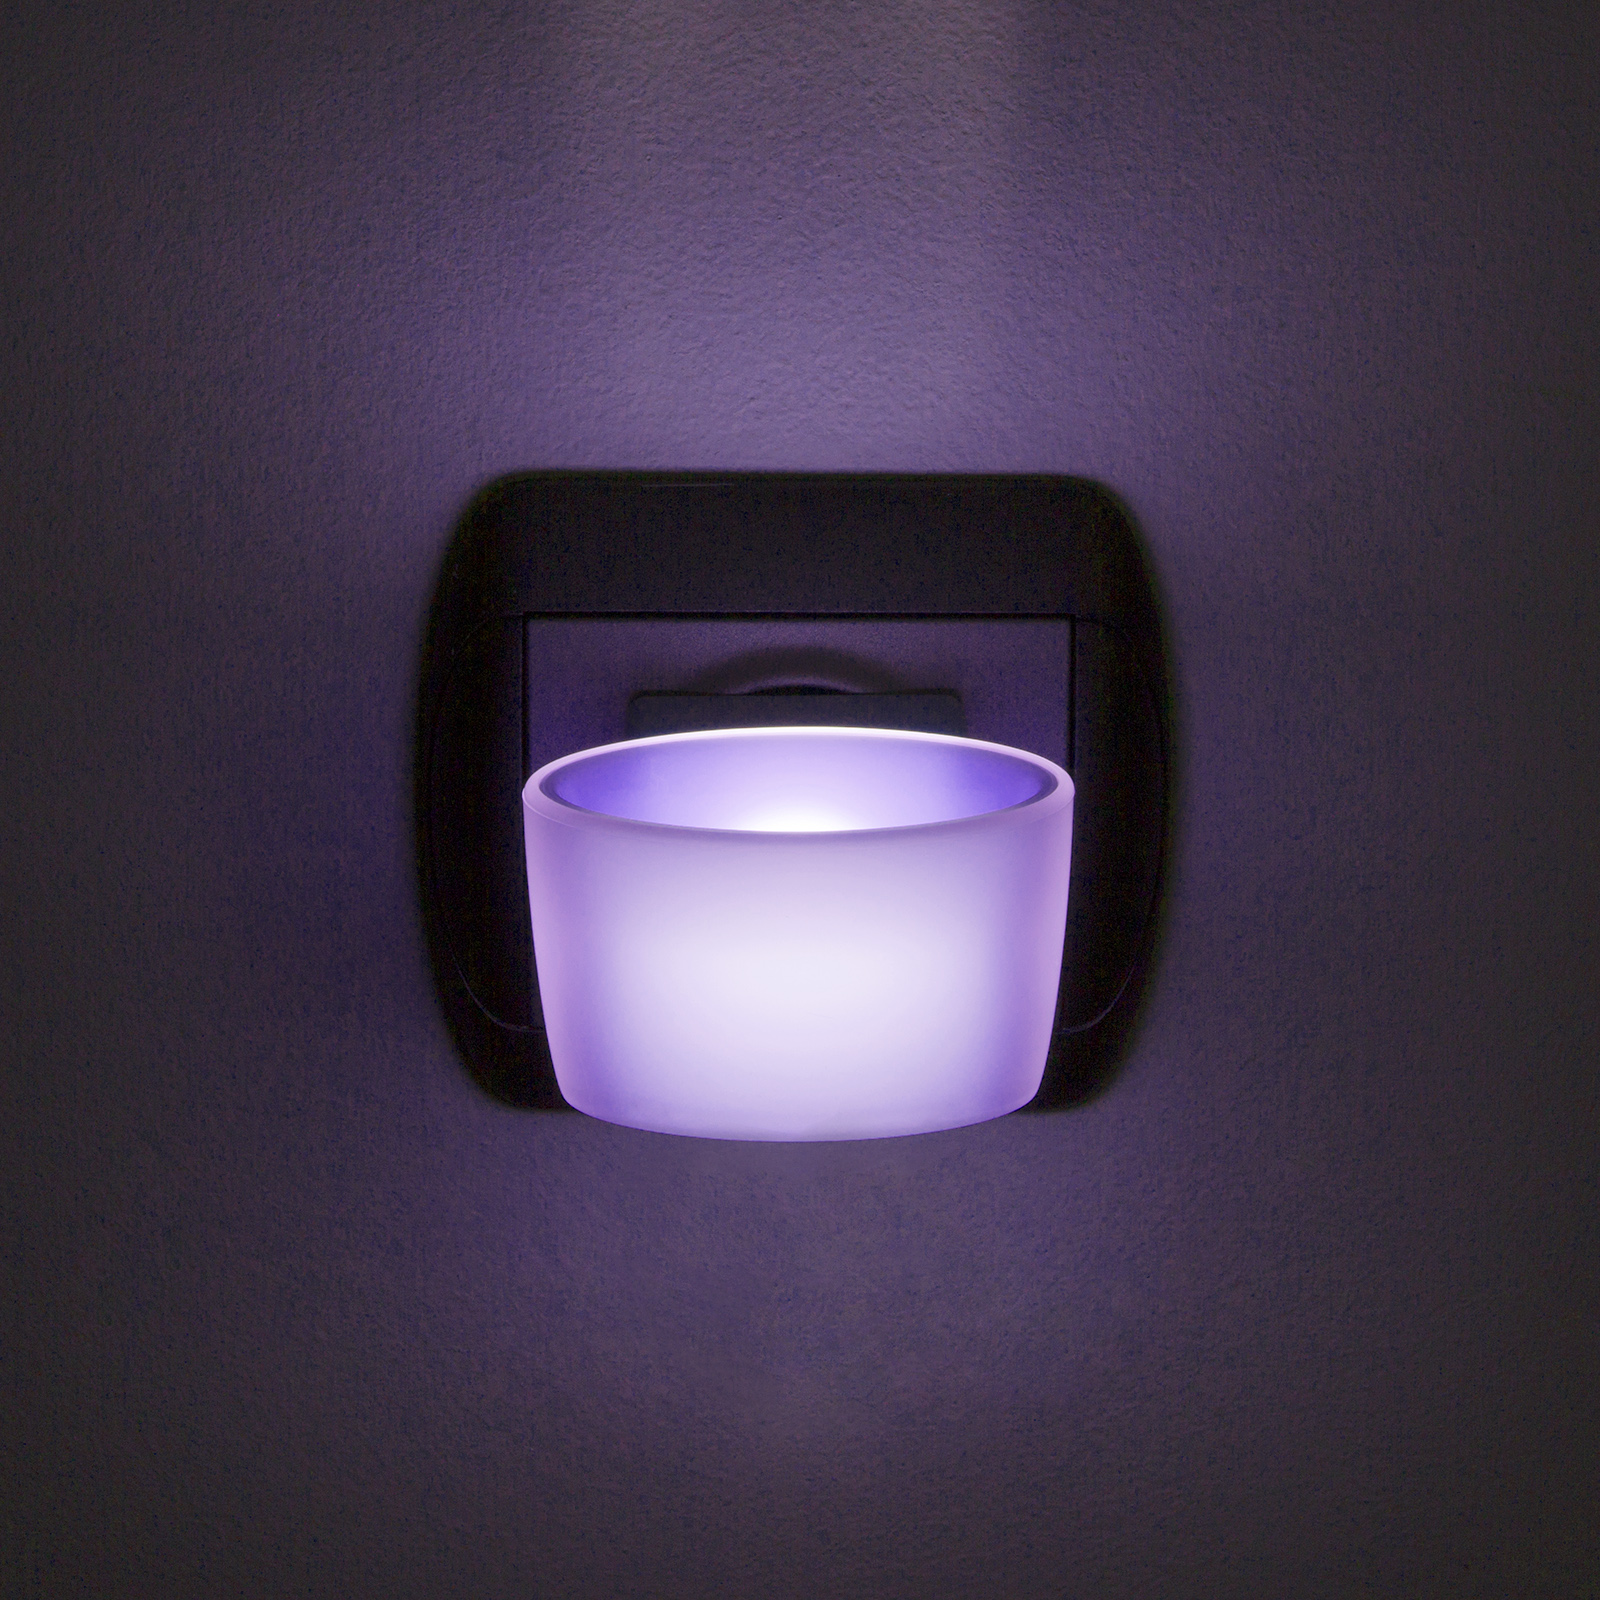 Lumina de veghe LED cu senzor tactil - violet